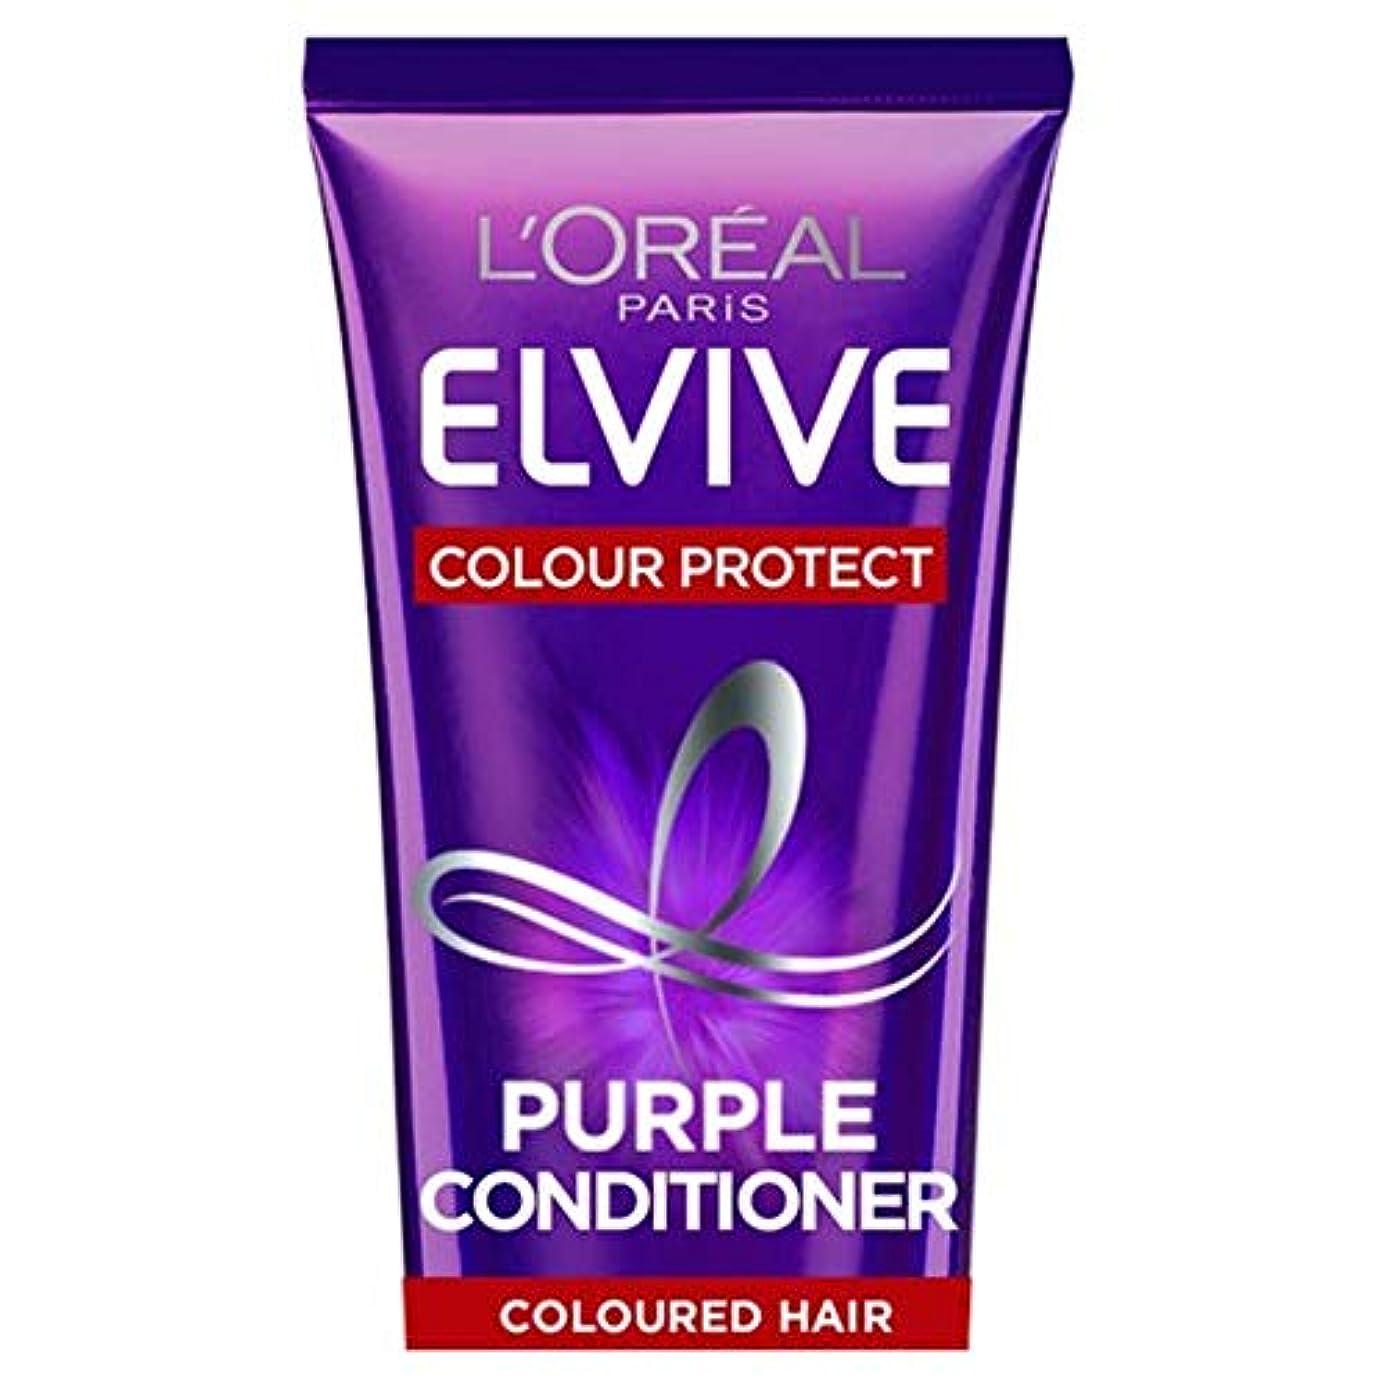 ラフ睡眠セットする上陸[Elvive] ロレアルElvive色は紫コンディショナー150ミリリットルを保護します - L'oreal Elvive Colour Protect Purple Conditioner 150Ml [並行輸入品]